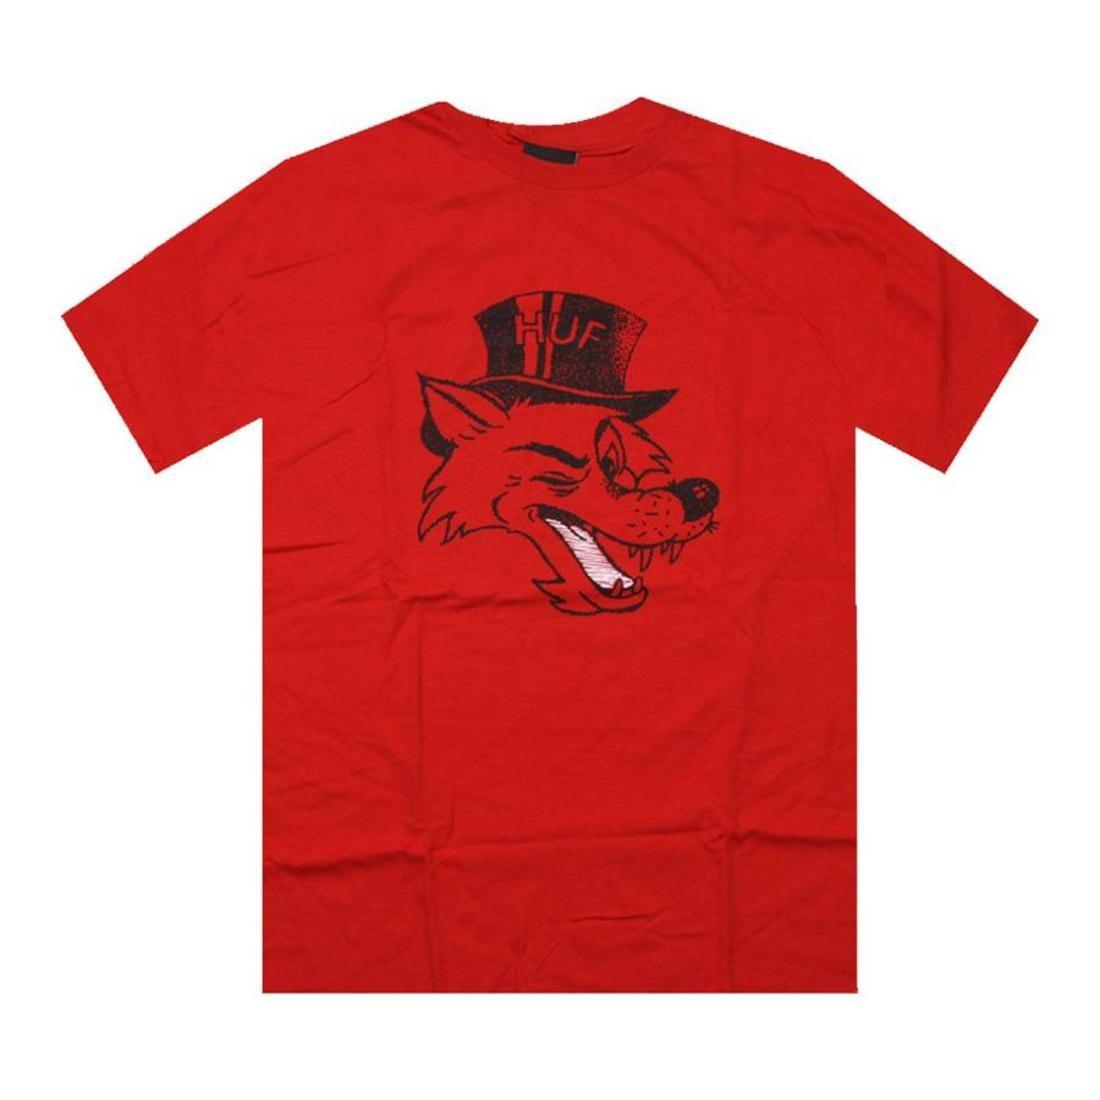 HUF ハフ Tシャツ 赤 レッド 【 HUF RED BIG BAD TEE 】 メンズファッション トップス Tシャツ カットソー